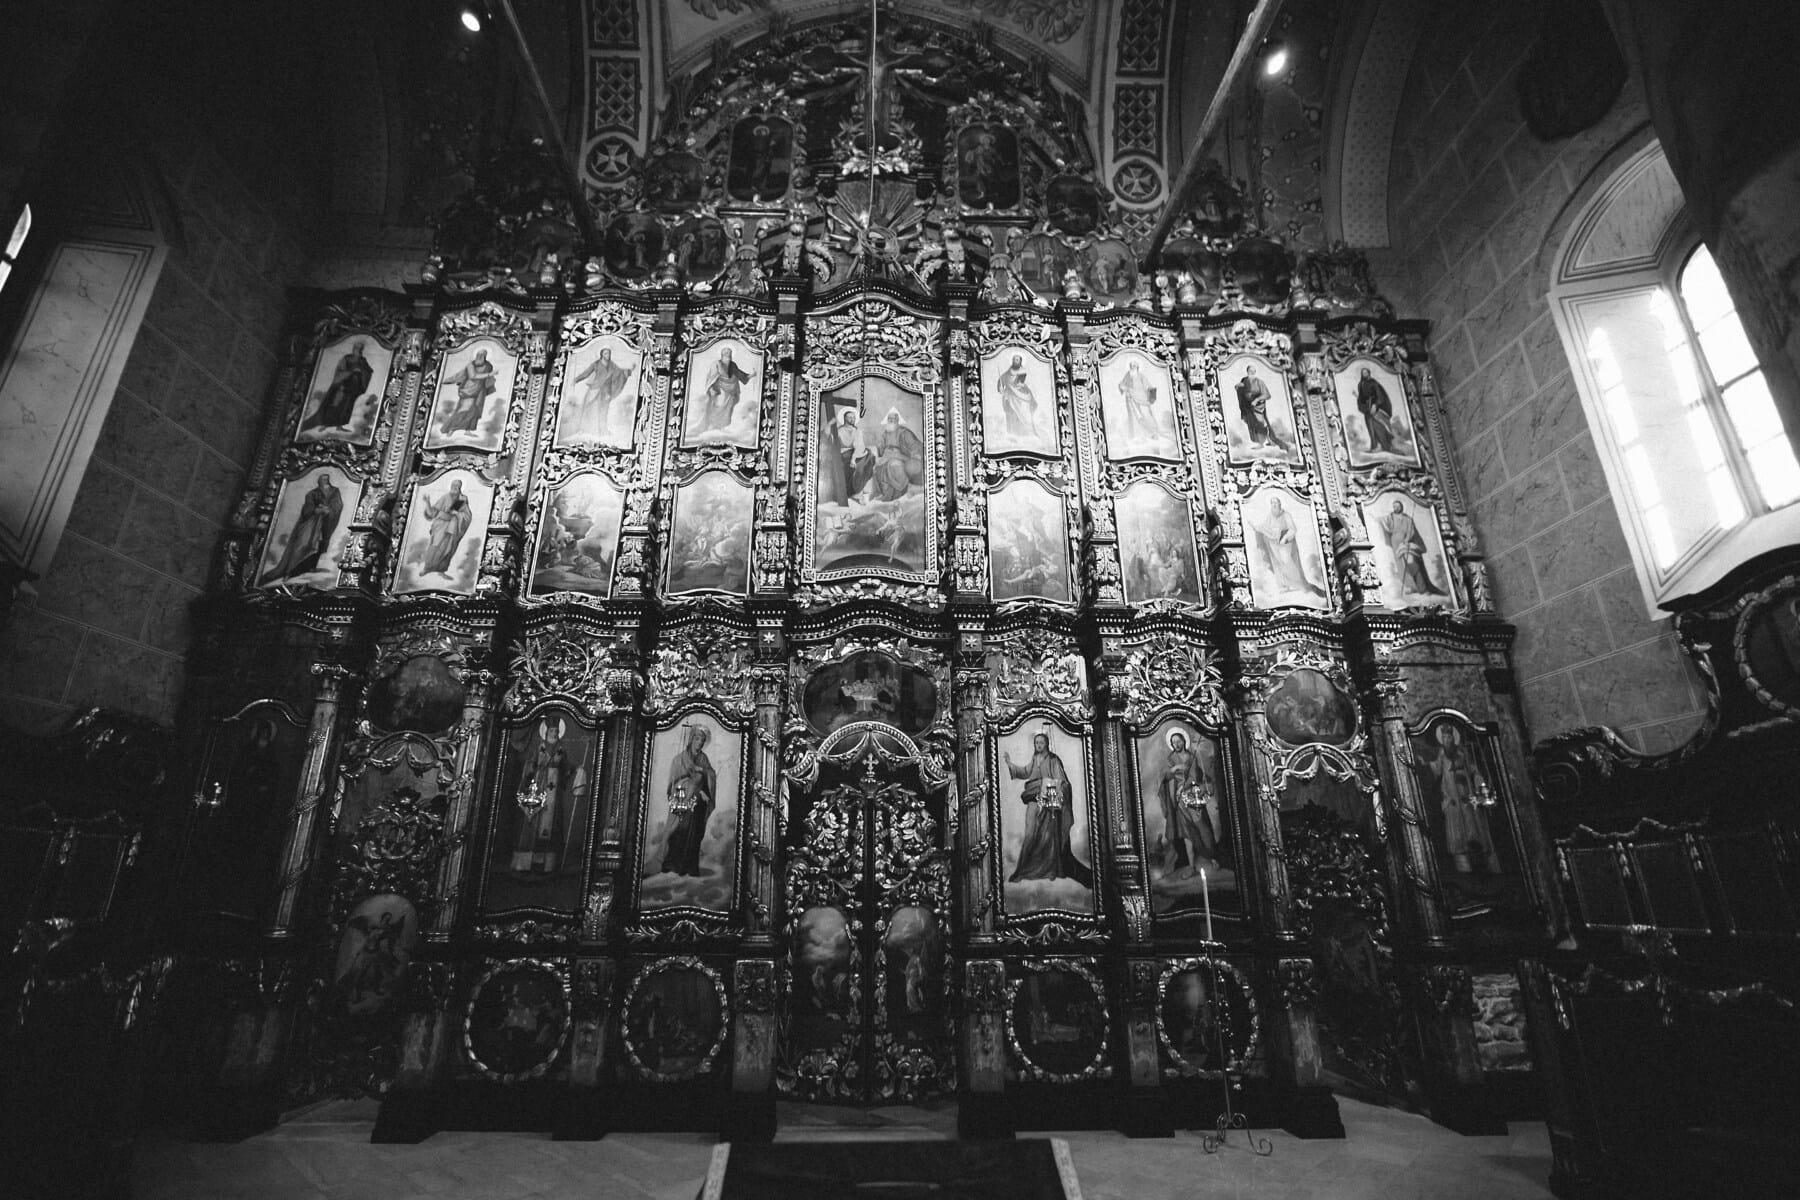 autel, Saint, médiévale, Russe, église, orthodoxe, cathédrale, religion, art, architecture